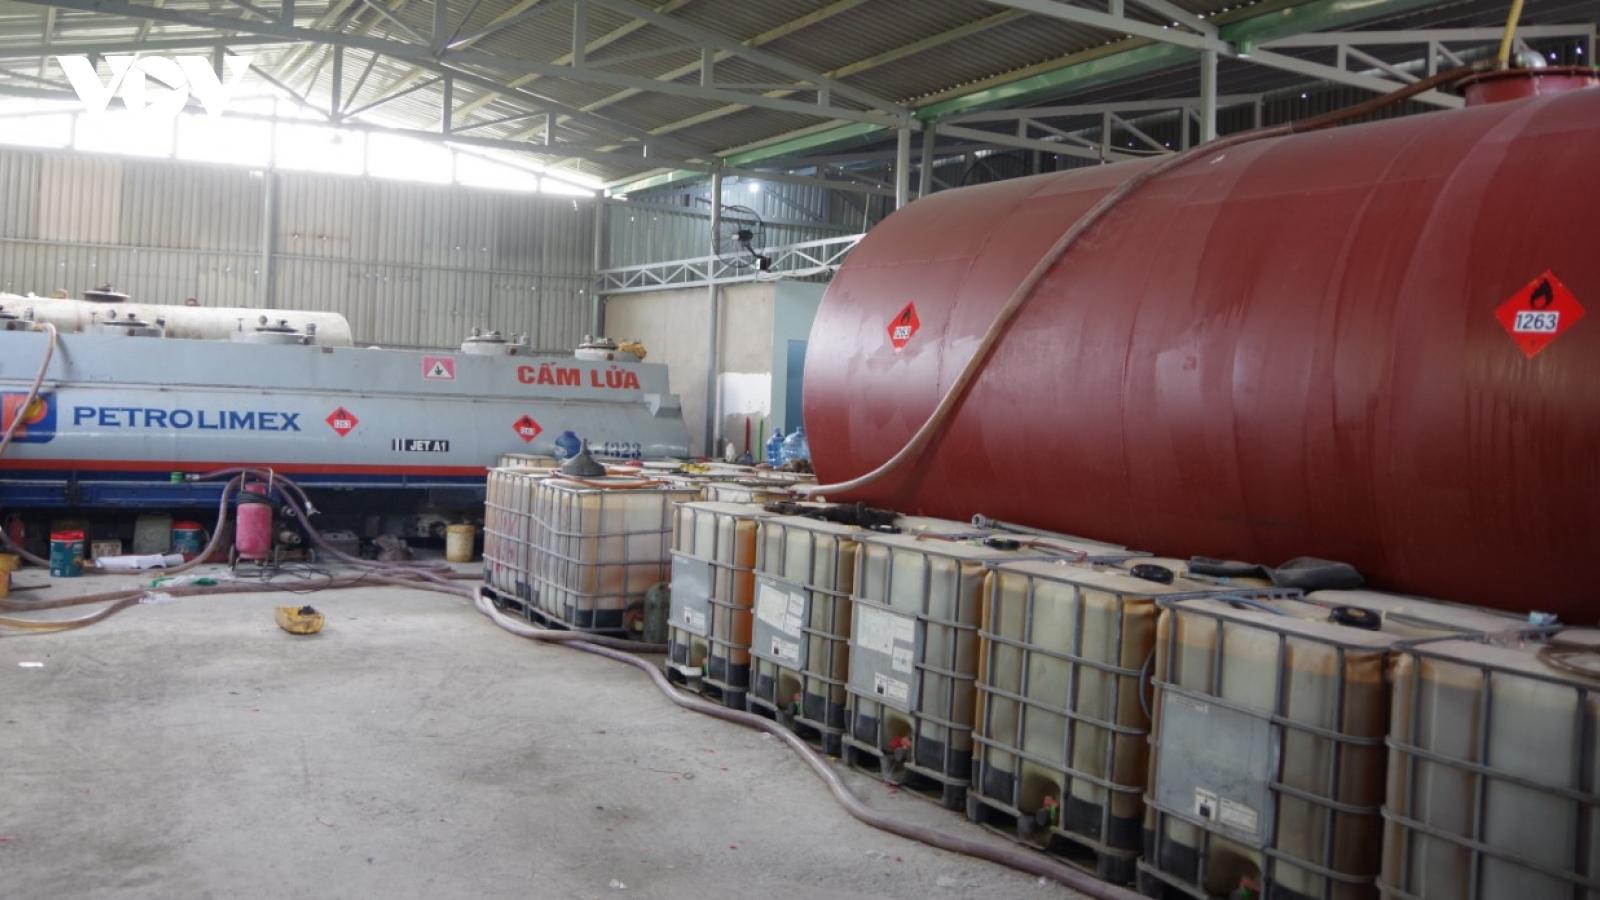 Phát hiện vụ sản xuất xăng giả quy mô lớn ở Vũng Tàu